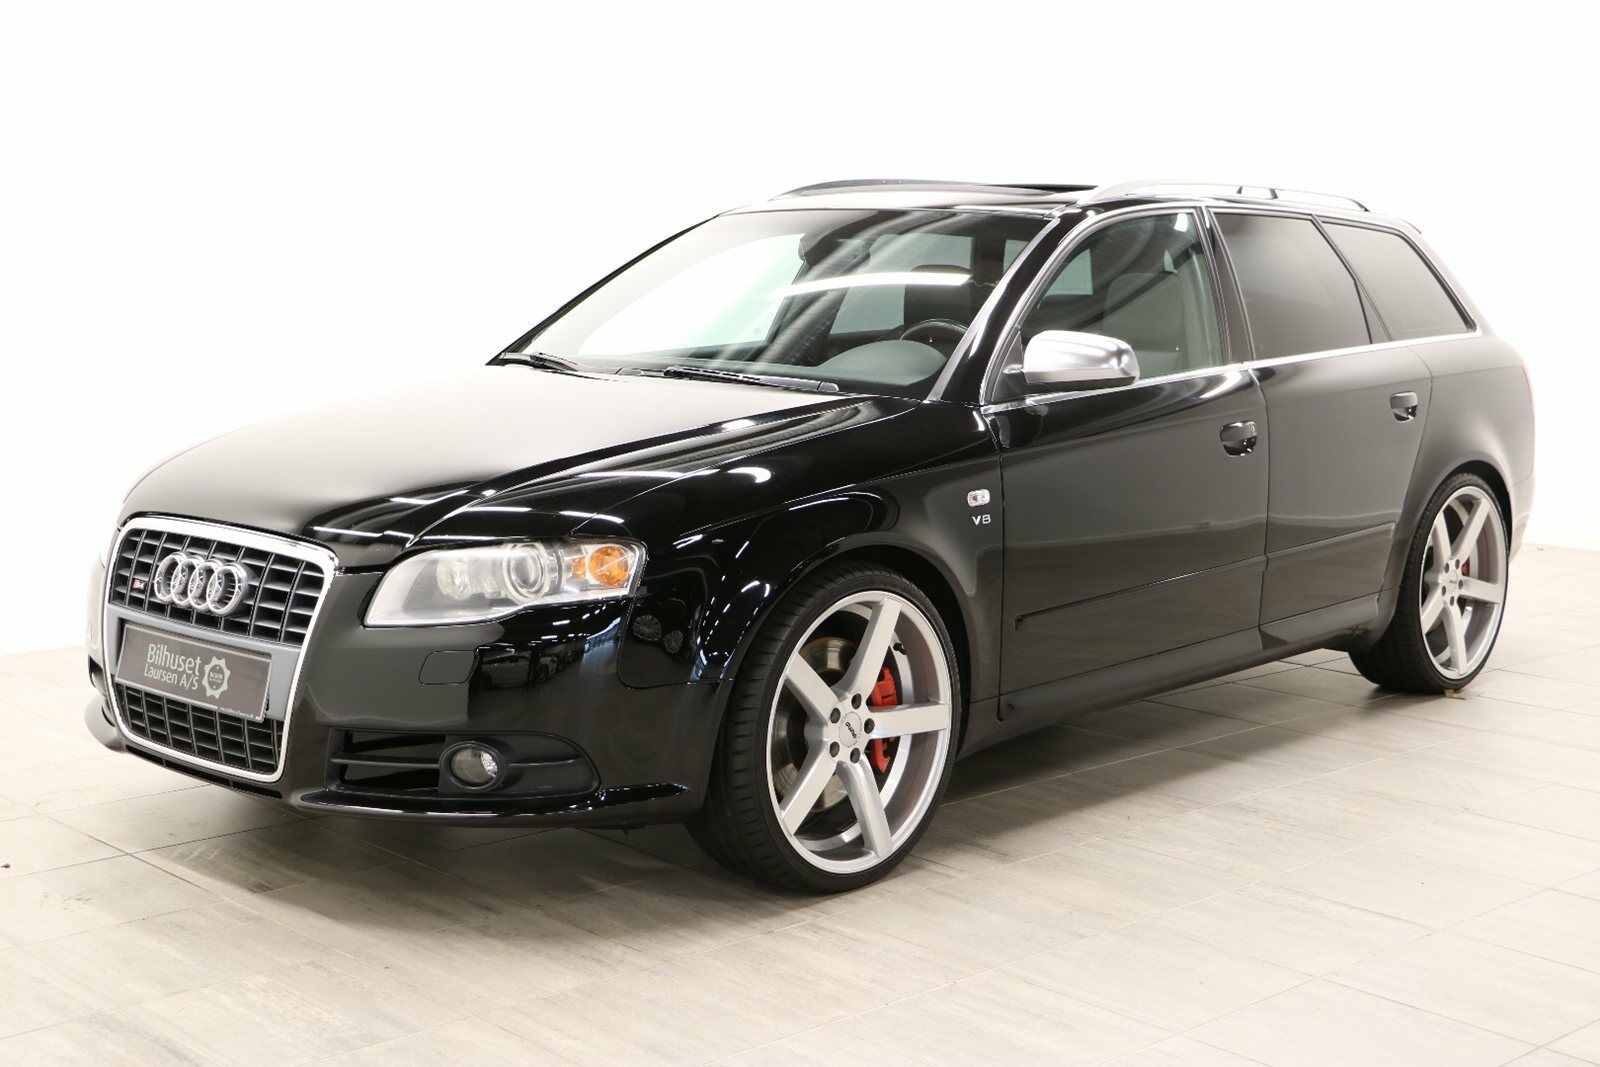 Audi S4 4,2 V8 Avant quattro Tiptr. 5d - 229.900 kr.